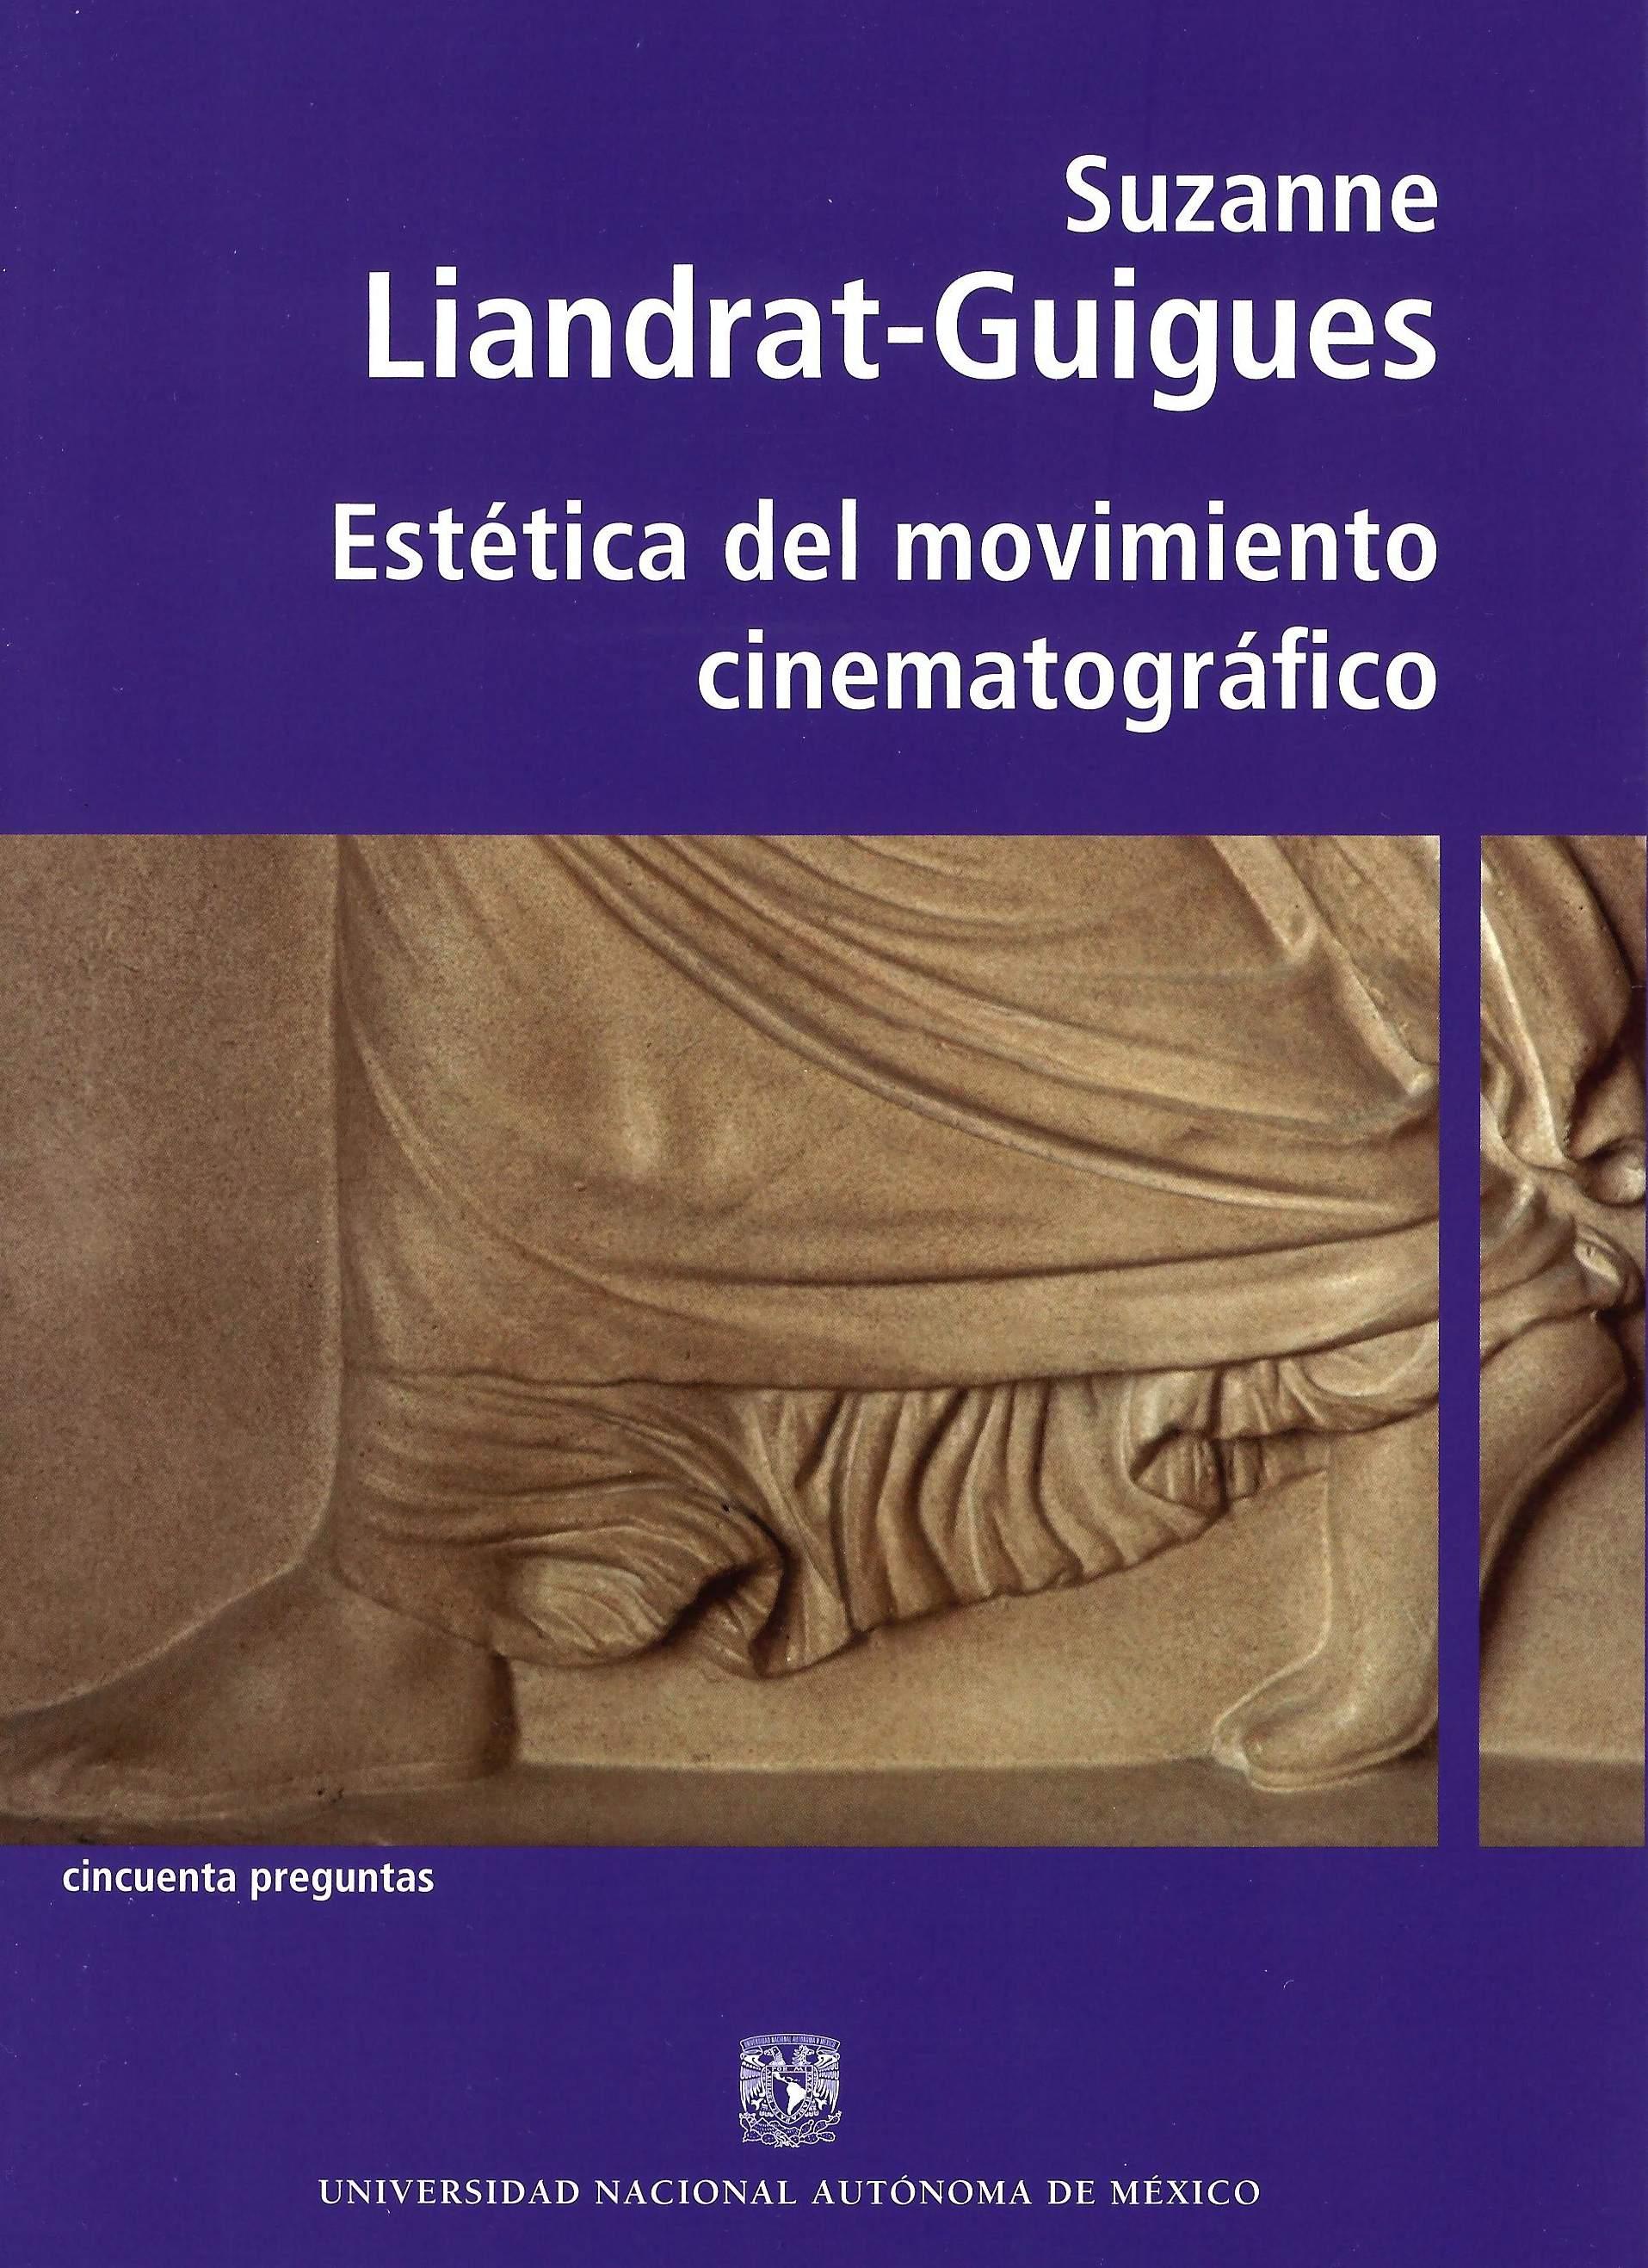 Estética del movimiento cinematográfico